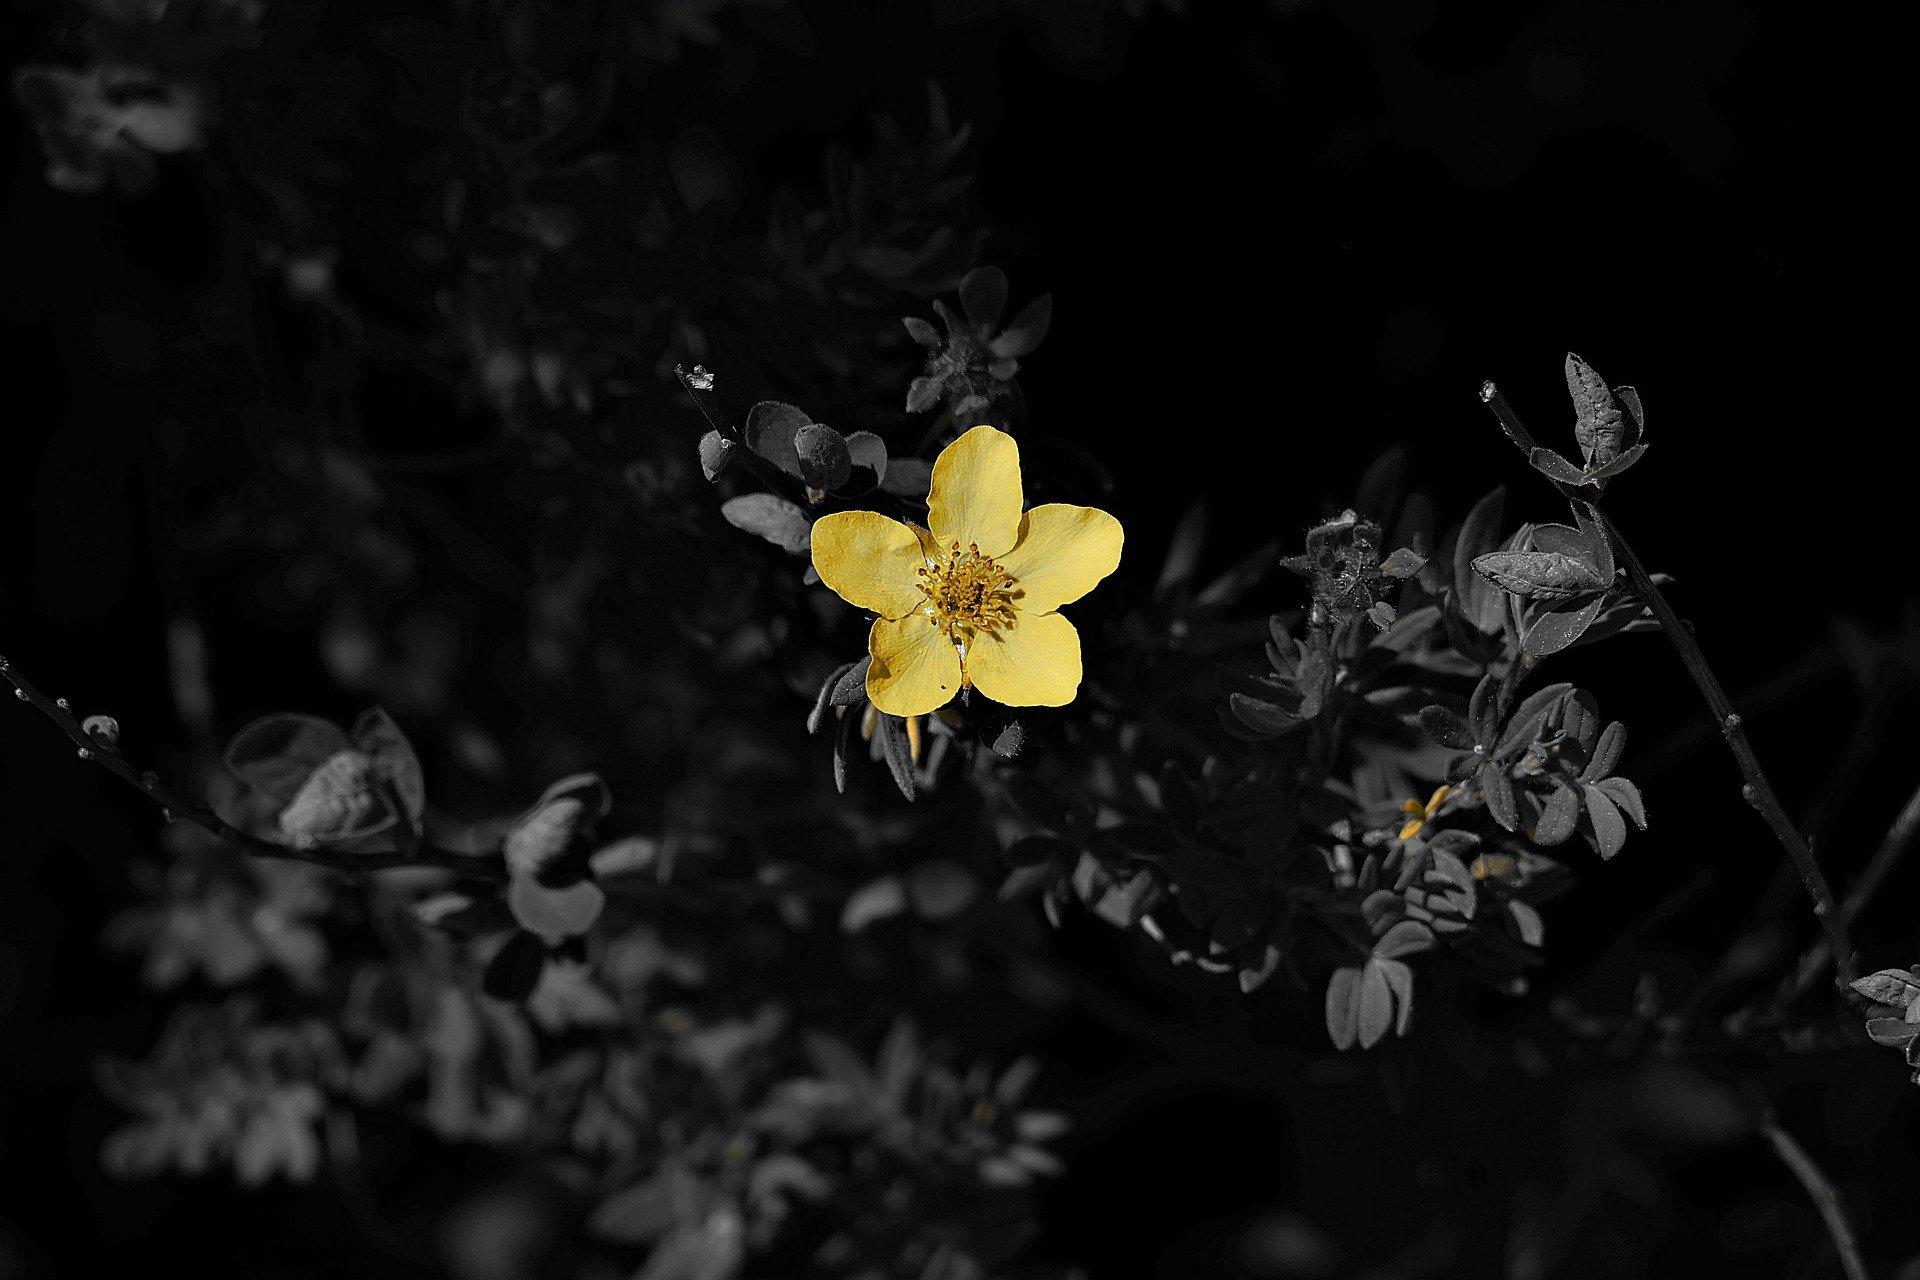 un fiore giallo in mezzo alla vegetazione nera